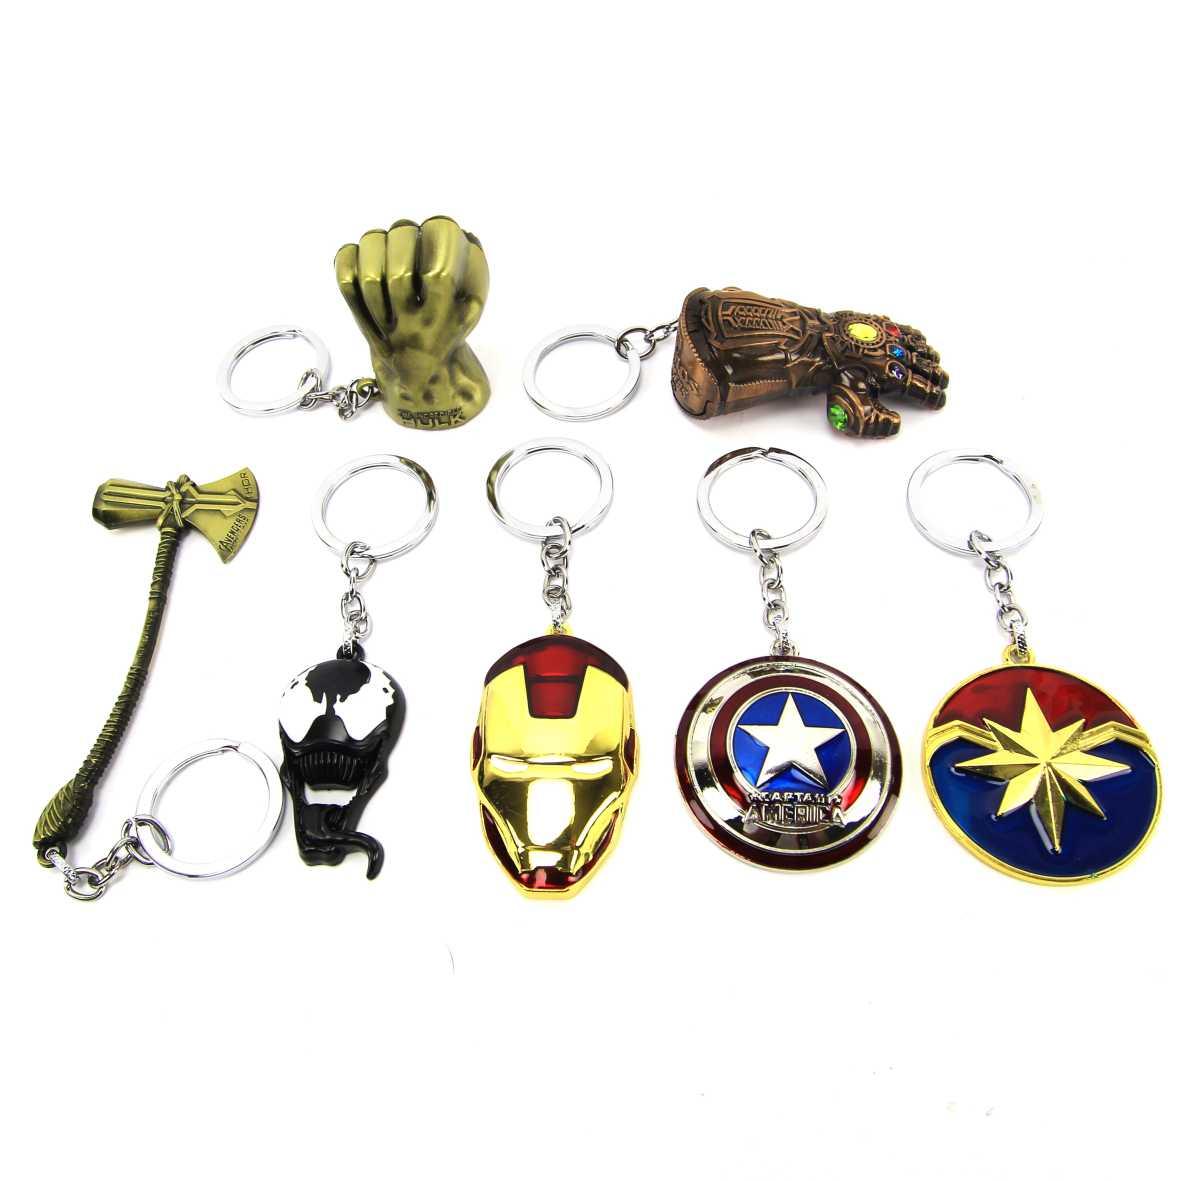 Chaveiro Original Marvel Vingadores Avengers DMW - Kit com 7 Modelos